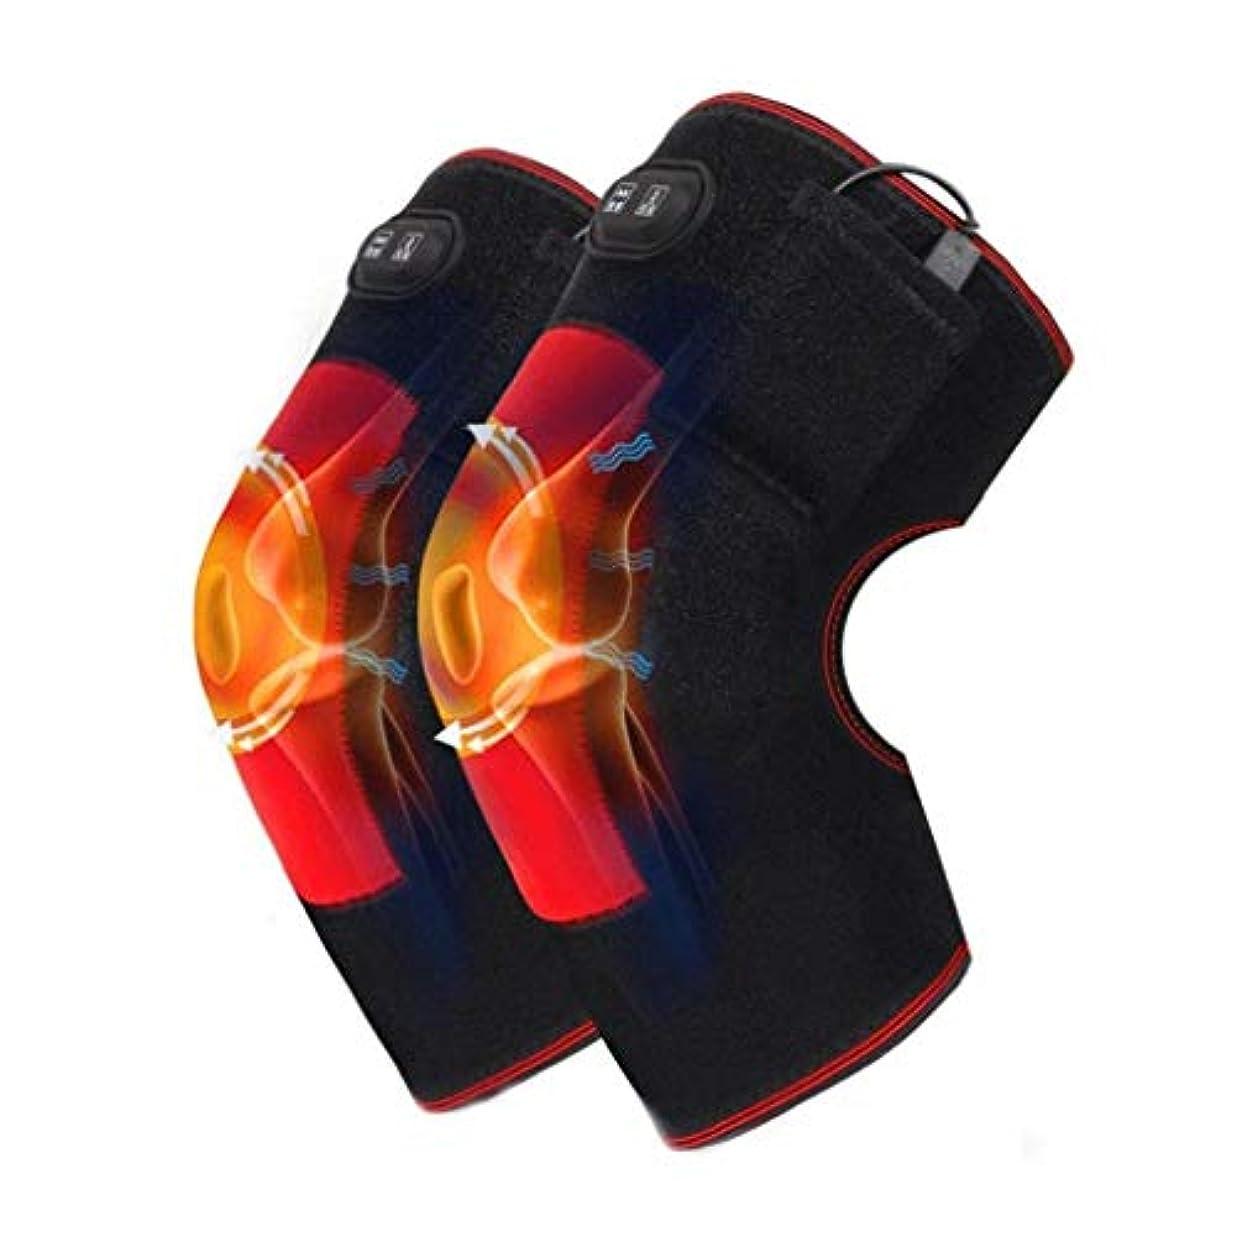 権利を与える母音規範膝圧迫スリーブ、膝巻き式温熱パッド、関節炎、慢性関節痛、腱炎、膝脱臼、涙靭帯を効果的に緩和できる